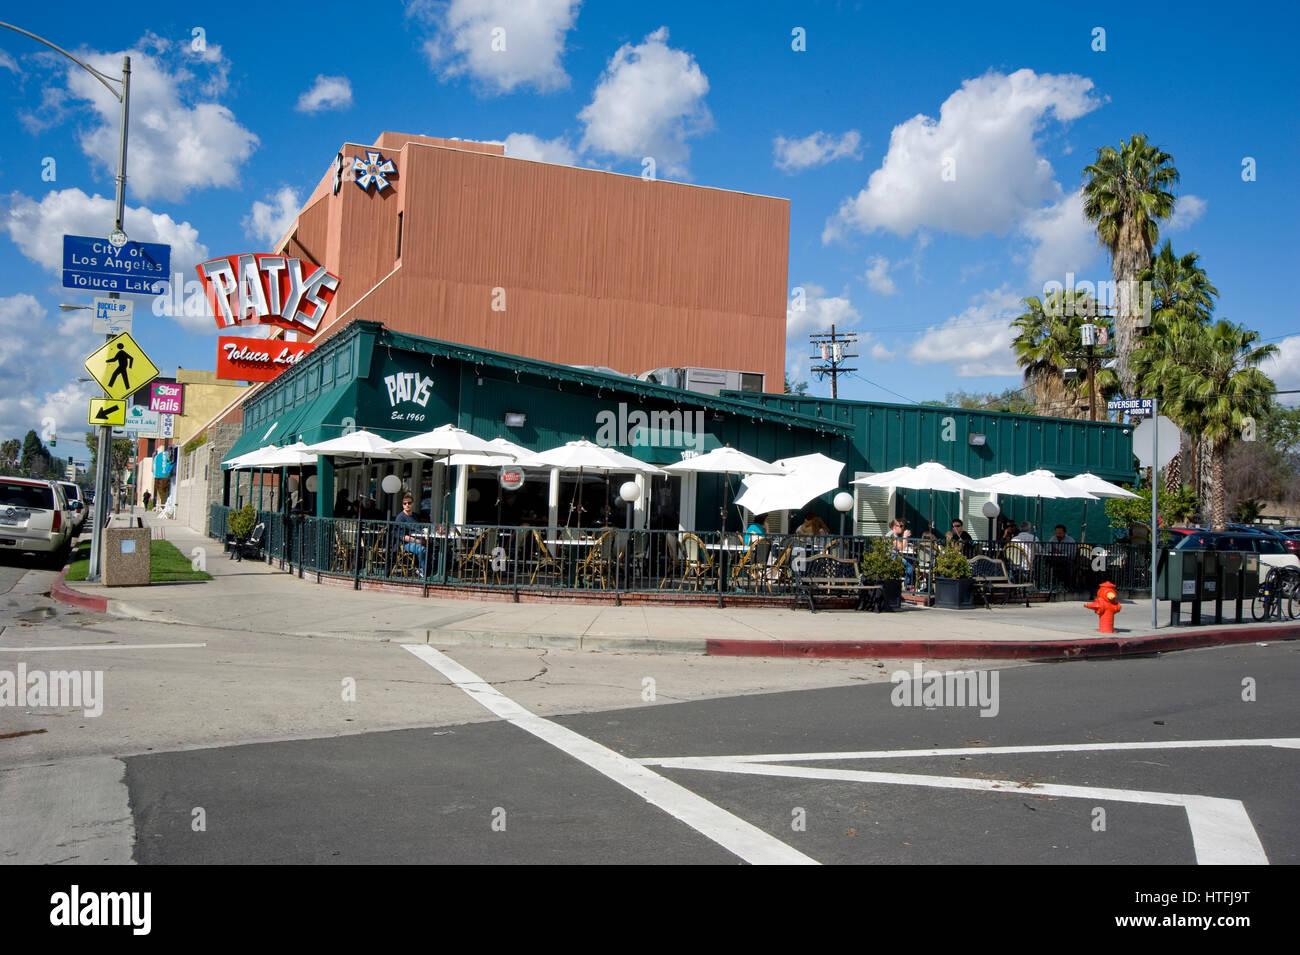 Patys klassisches Diner und Coffee-Shop in Toluca Lake, Kalifornien Stockbild